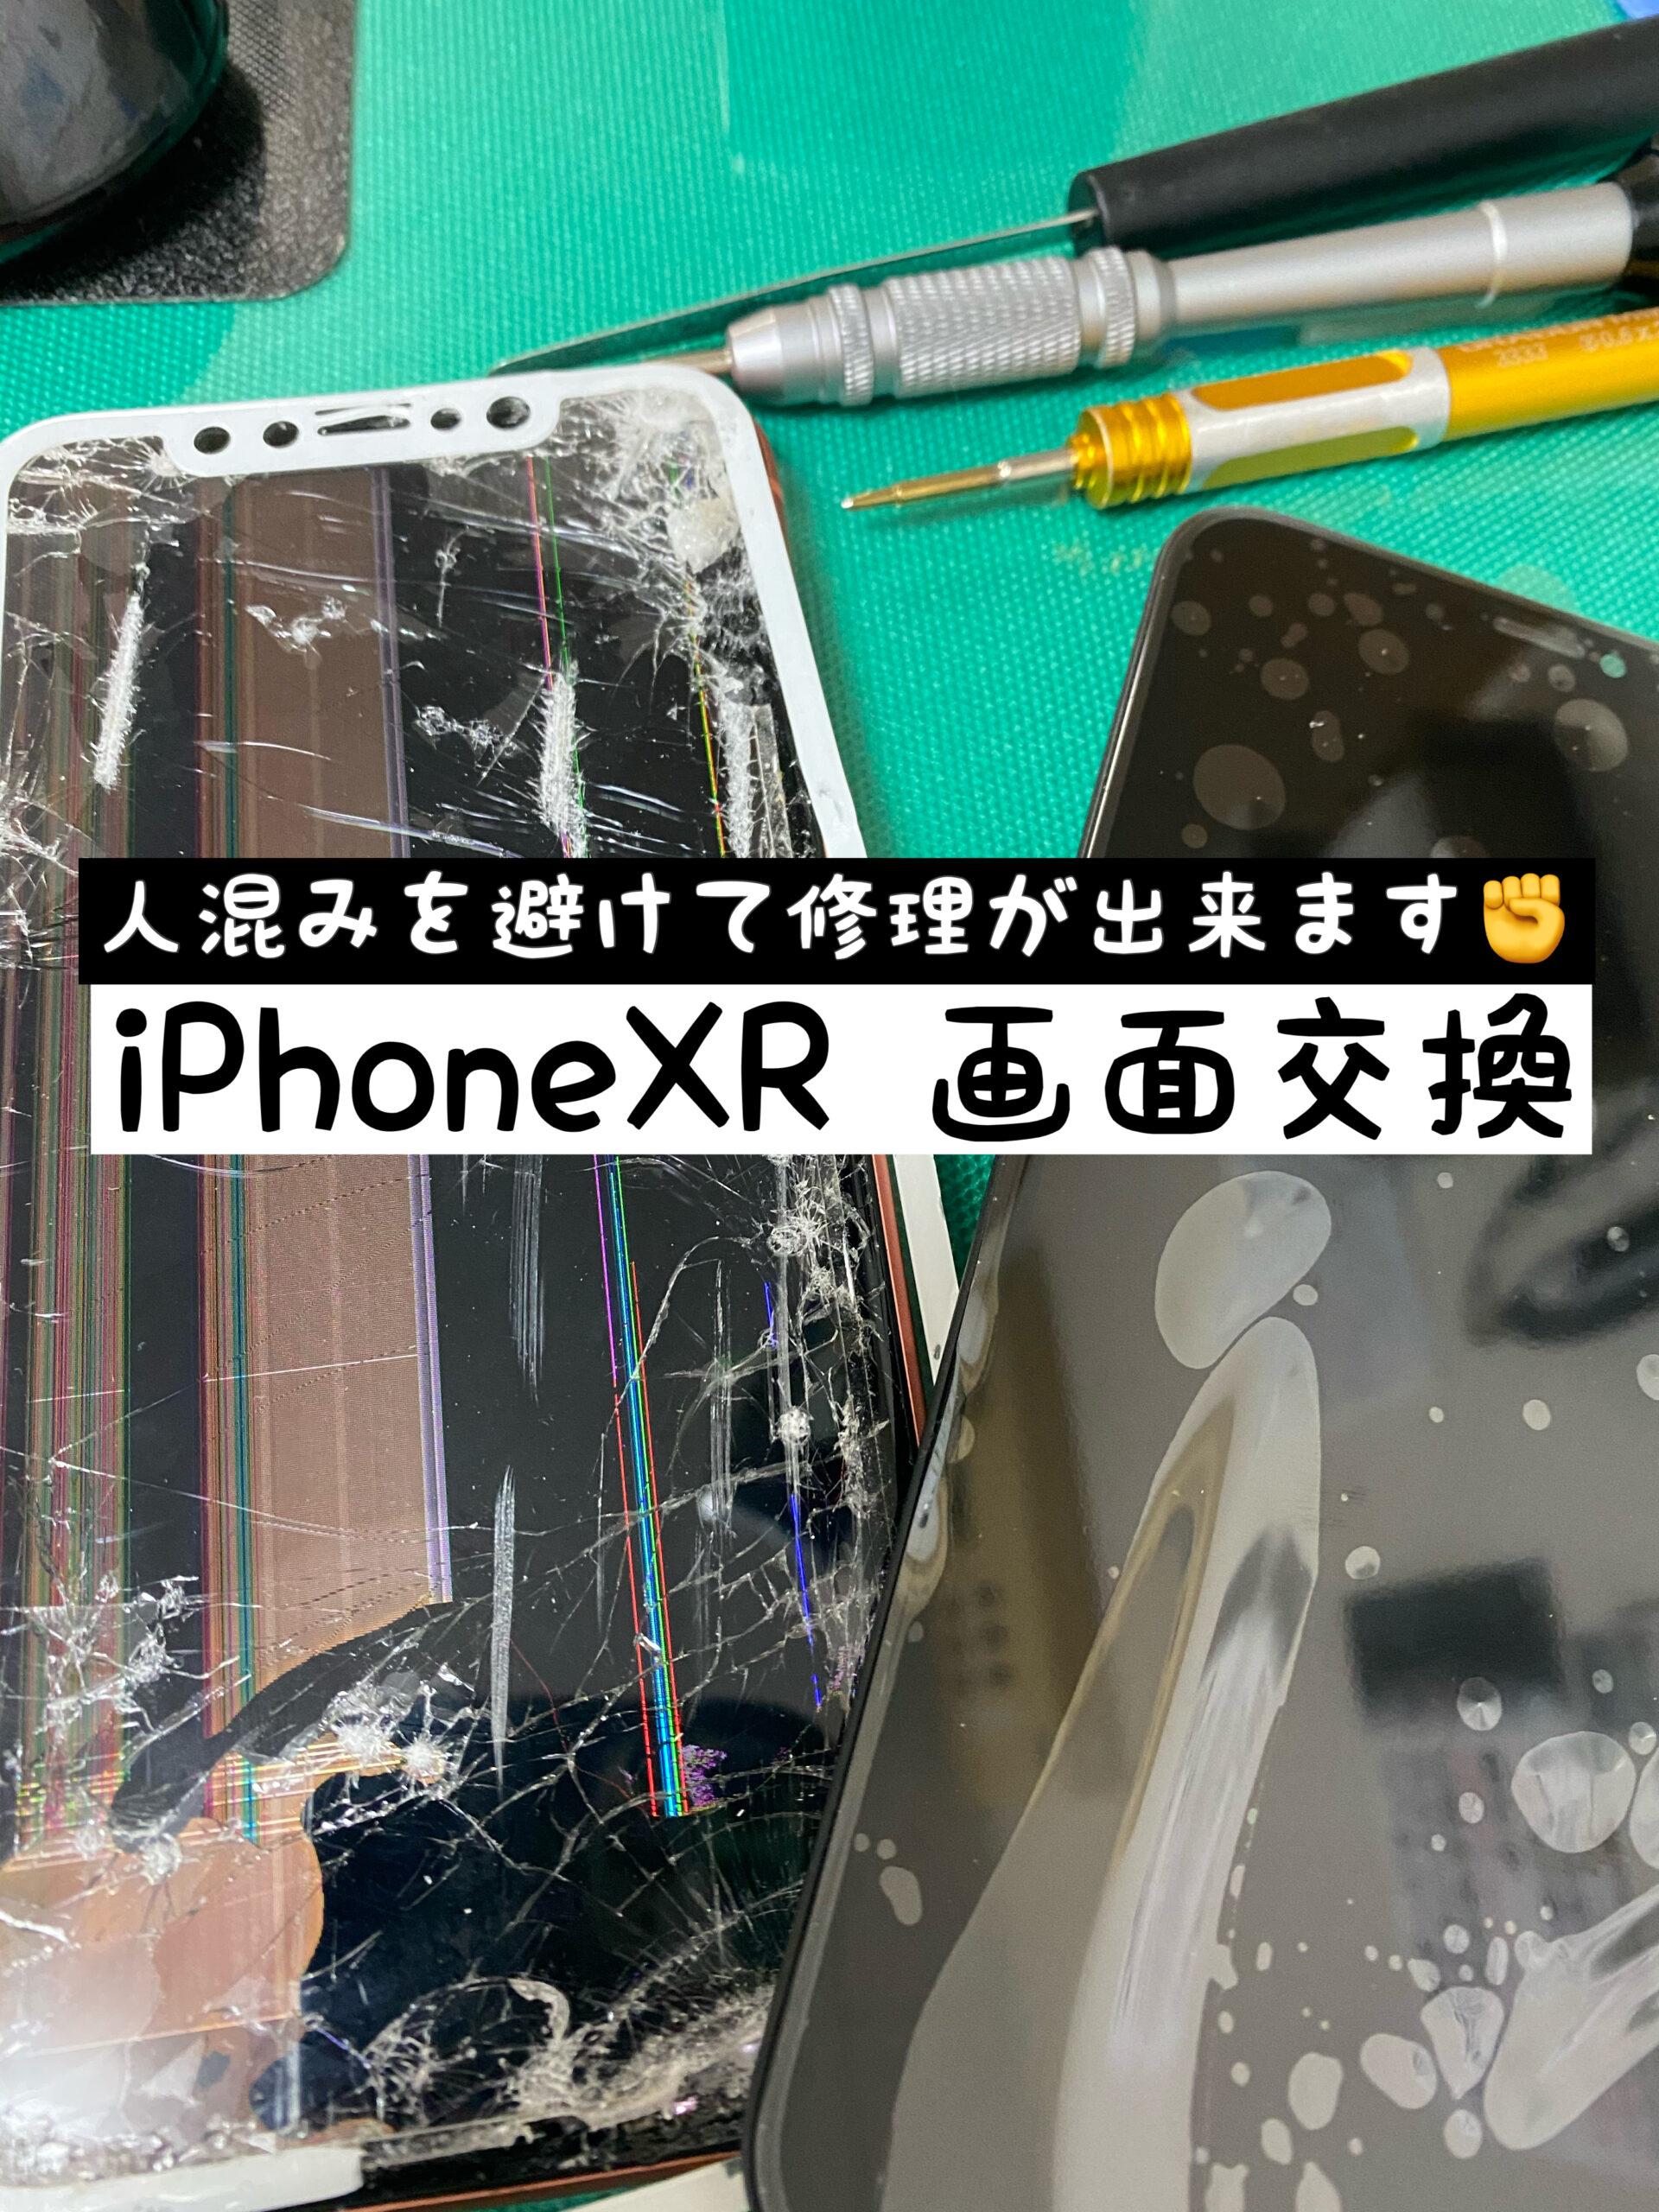 ドン・キホーテ ドンキホーテ ドンキ 扶桑 江南 大口 iPhone修理 安い 格安 アイフォン修理